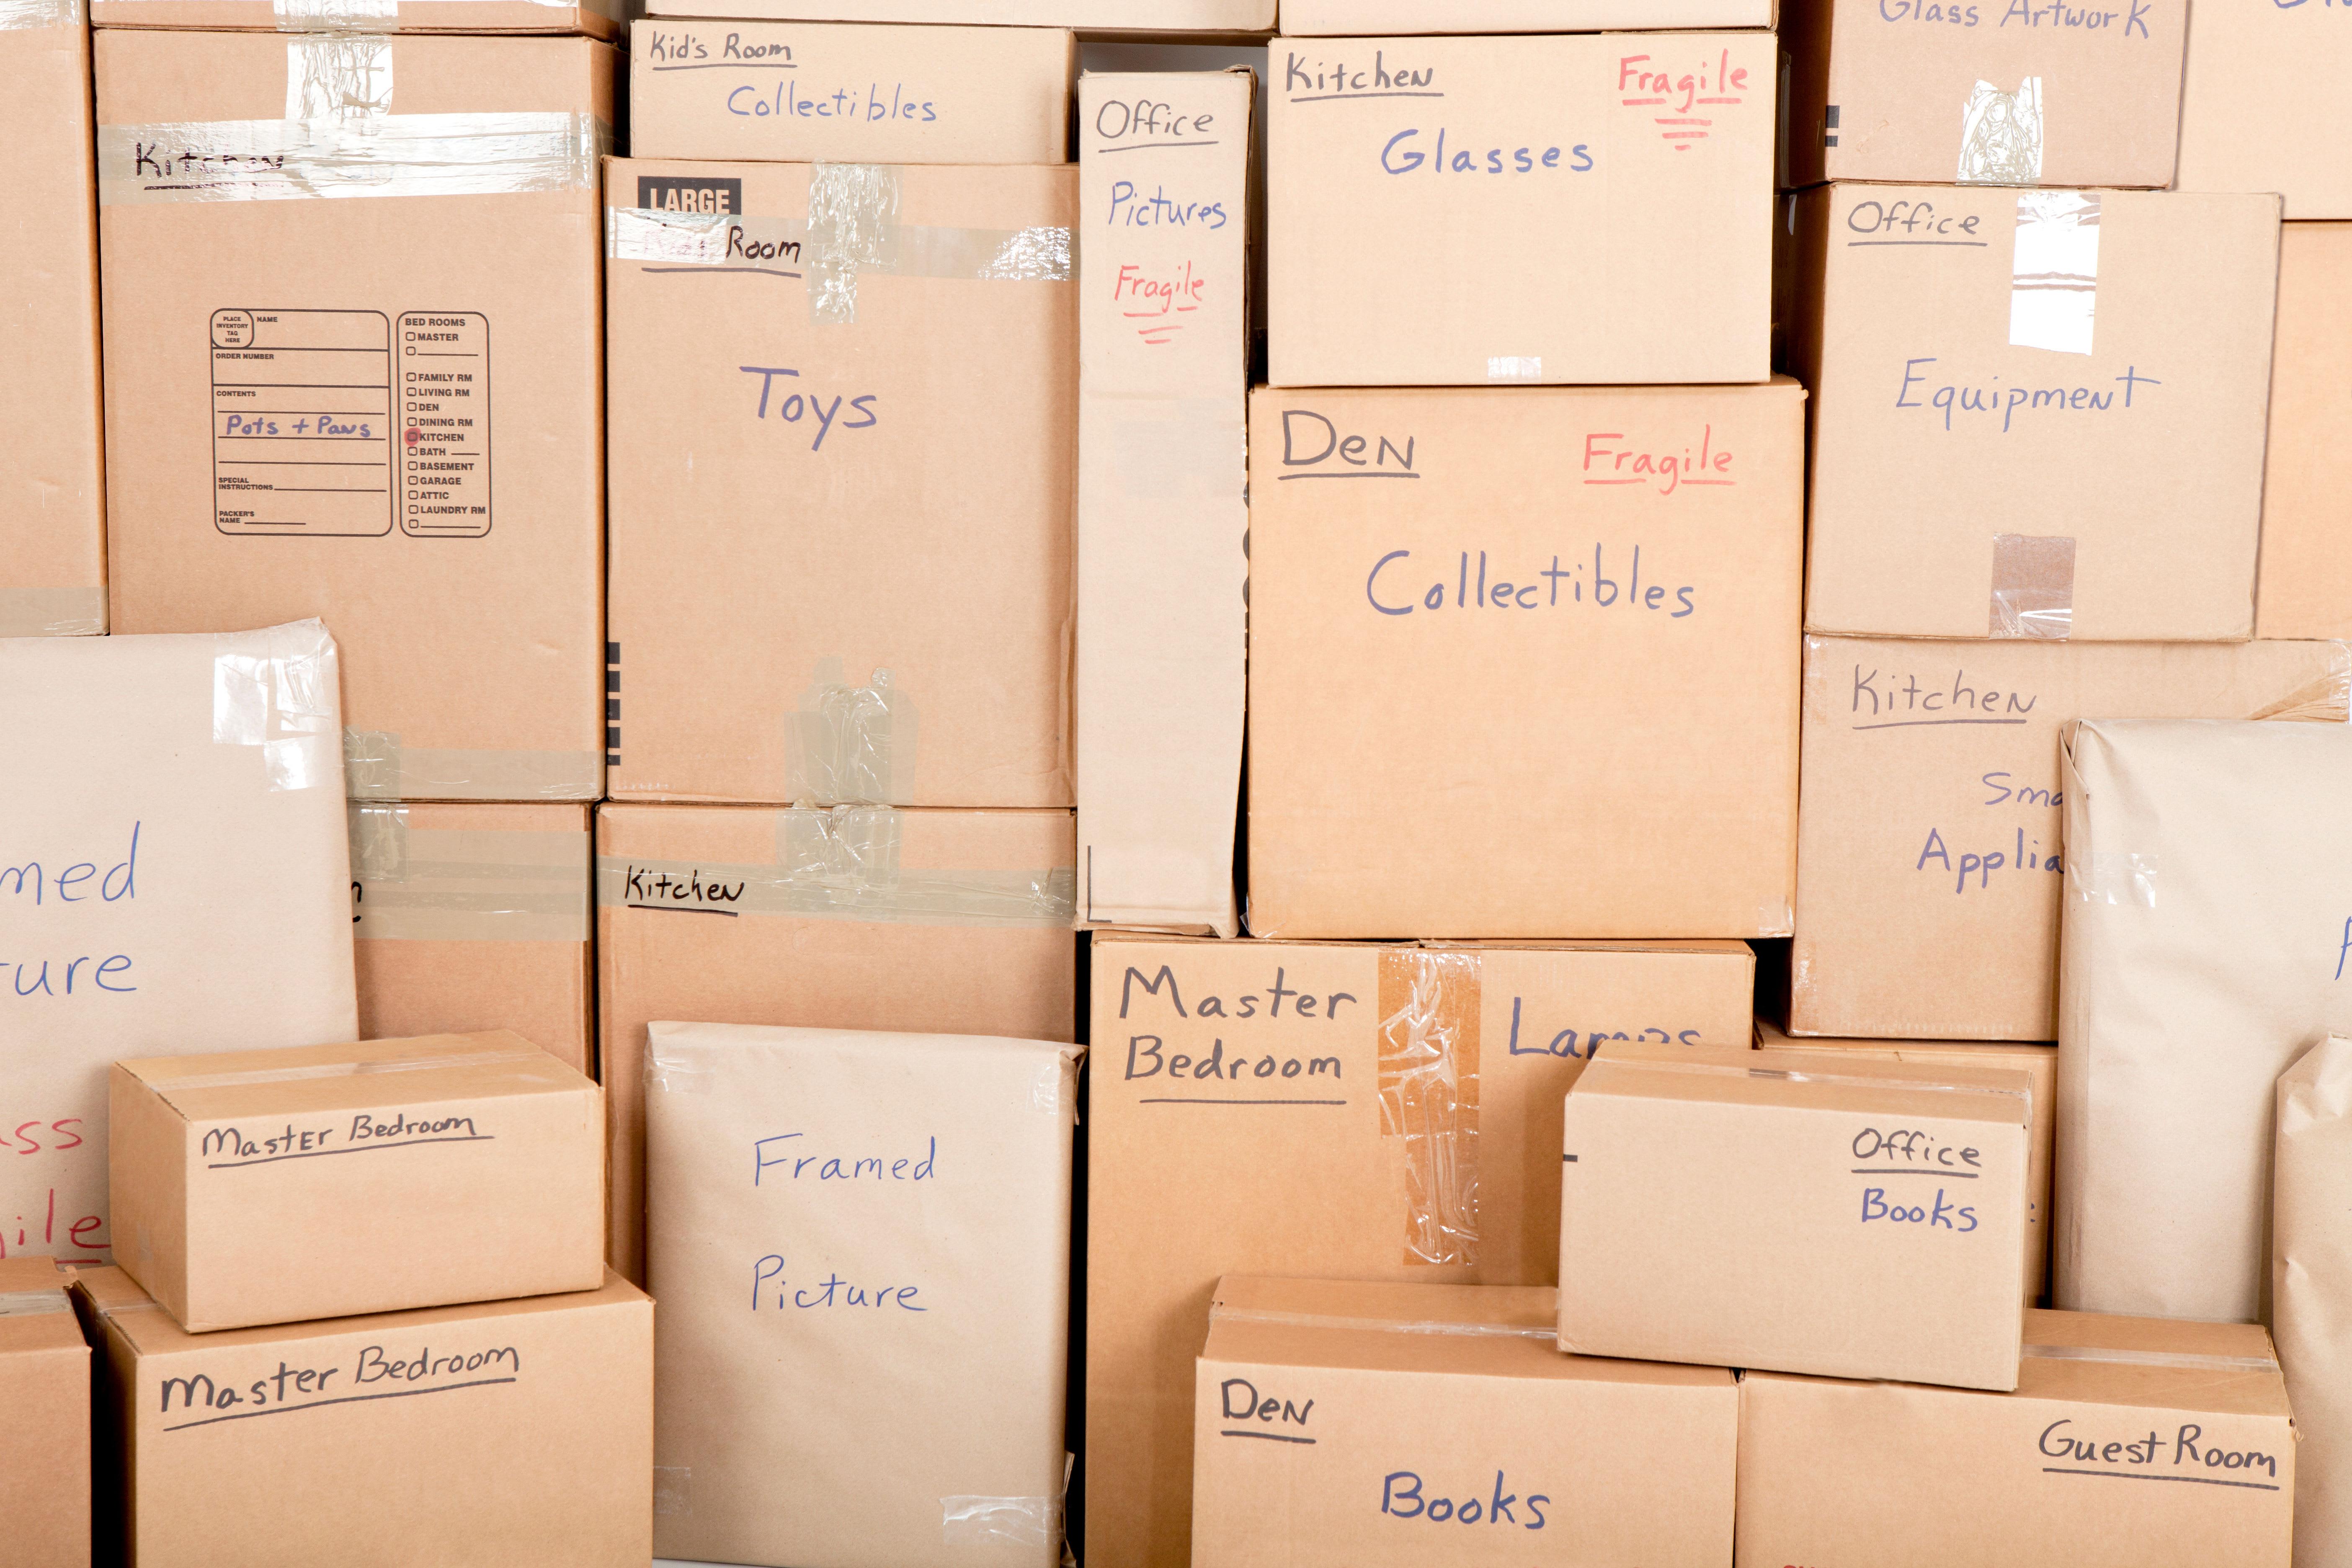 Storage organized